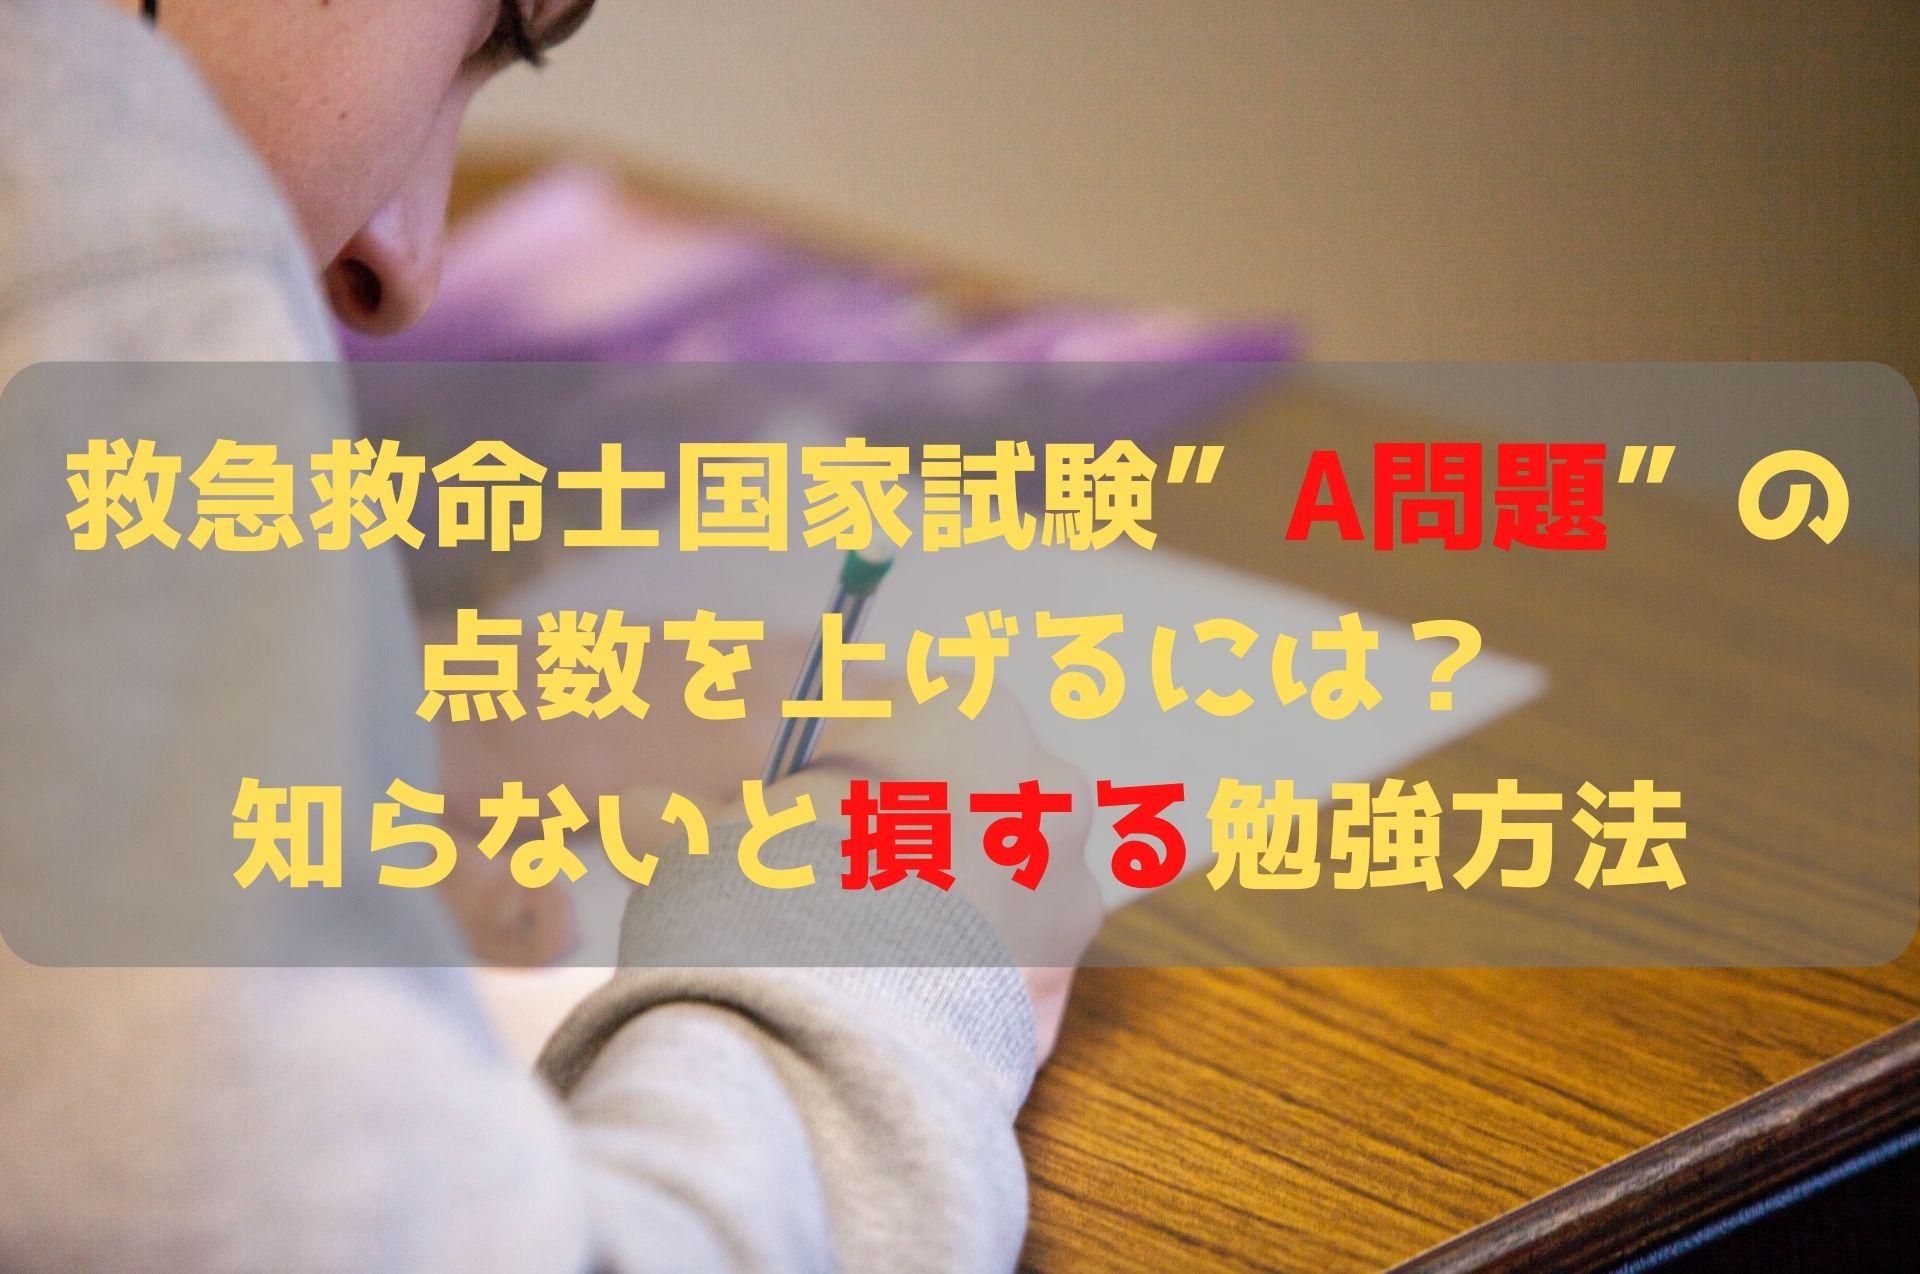 救急救命士国家試験のA問題